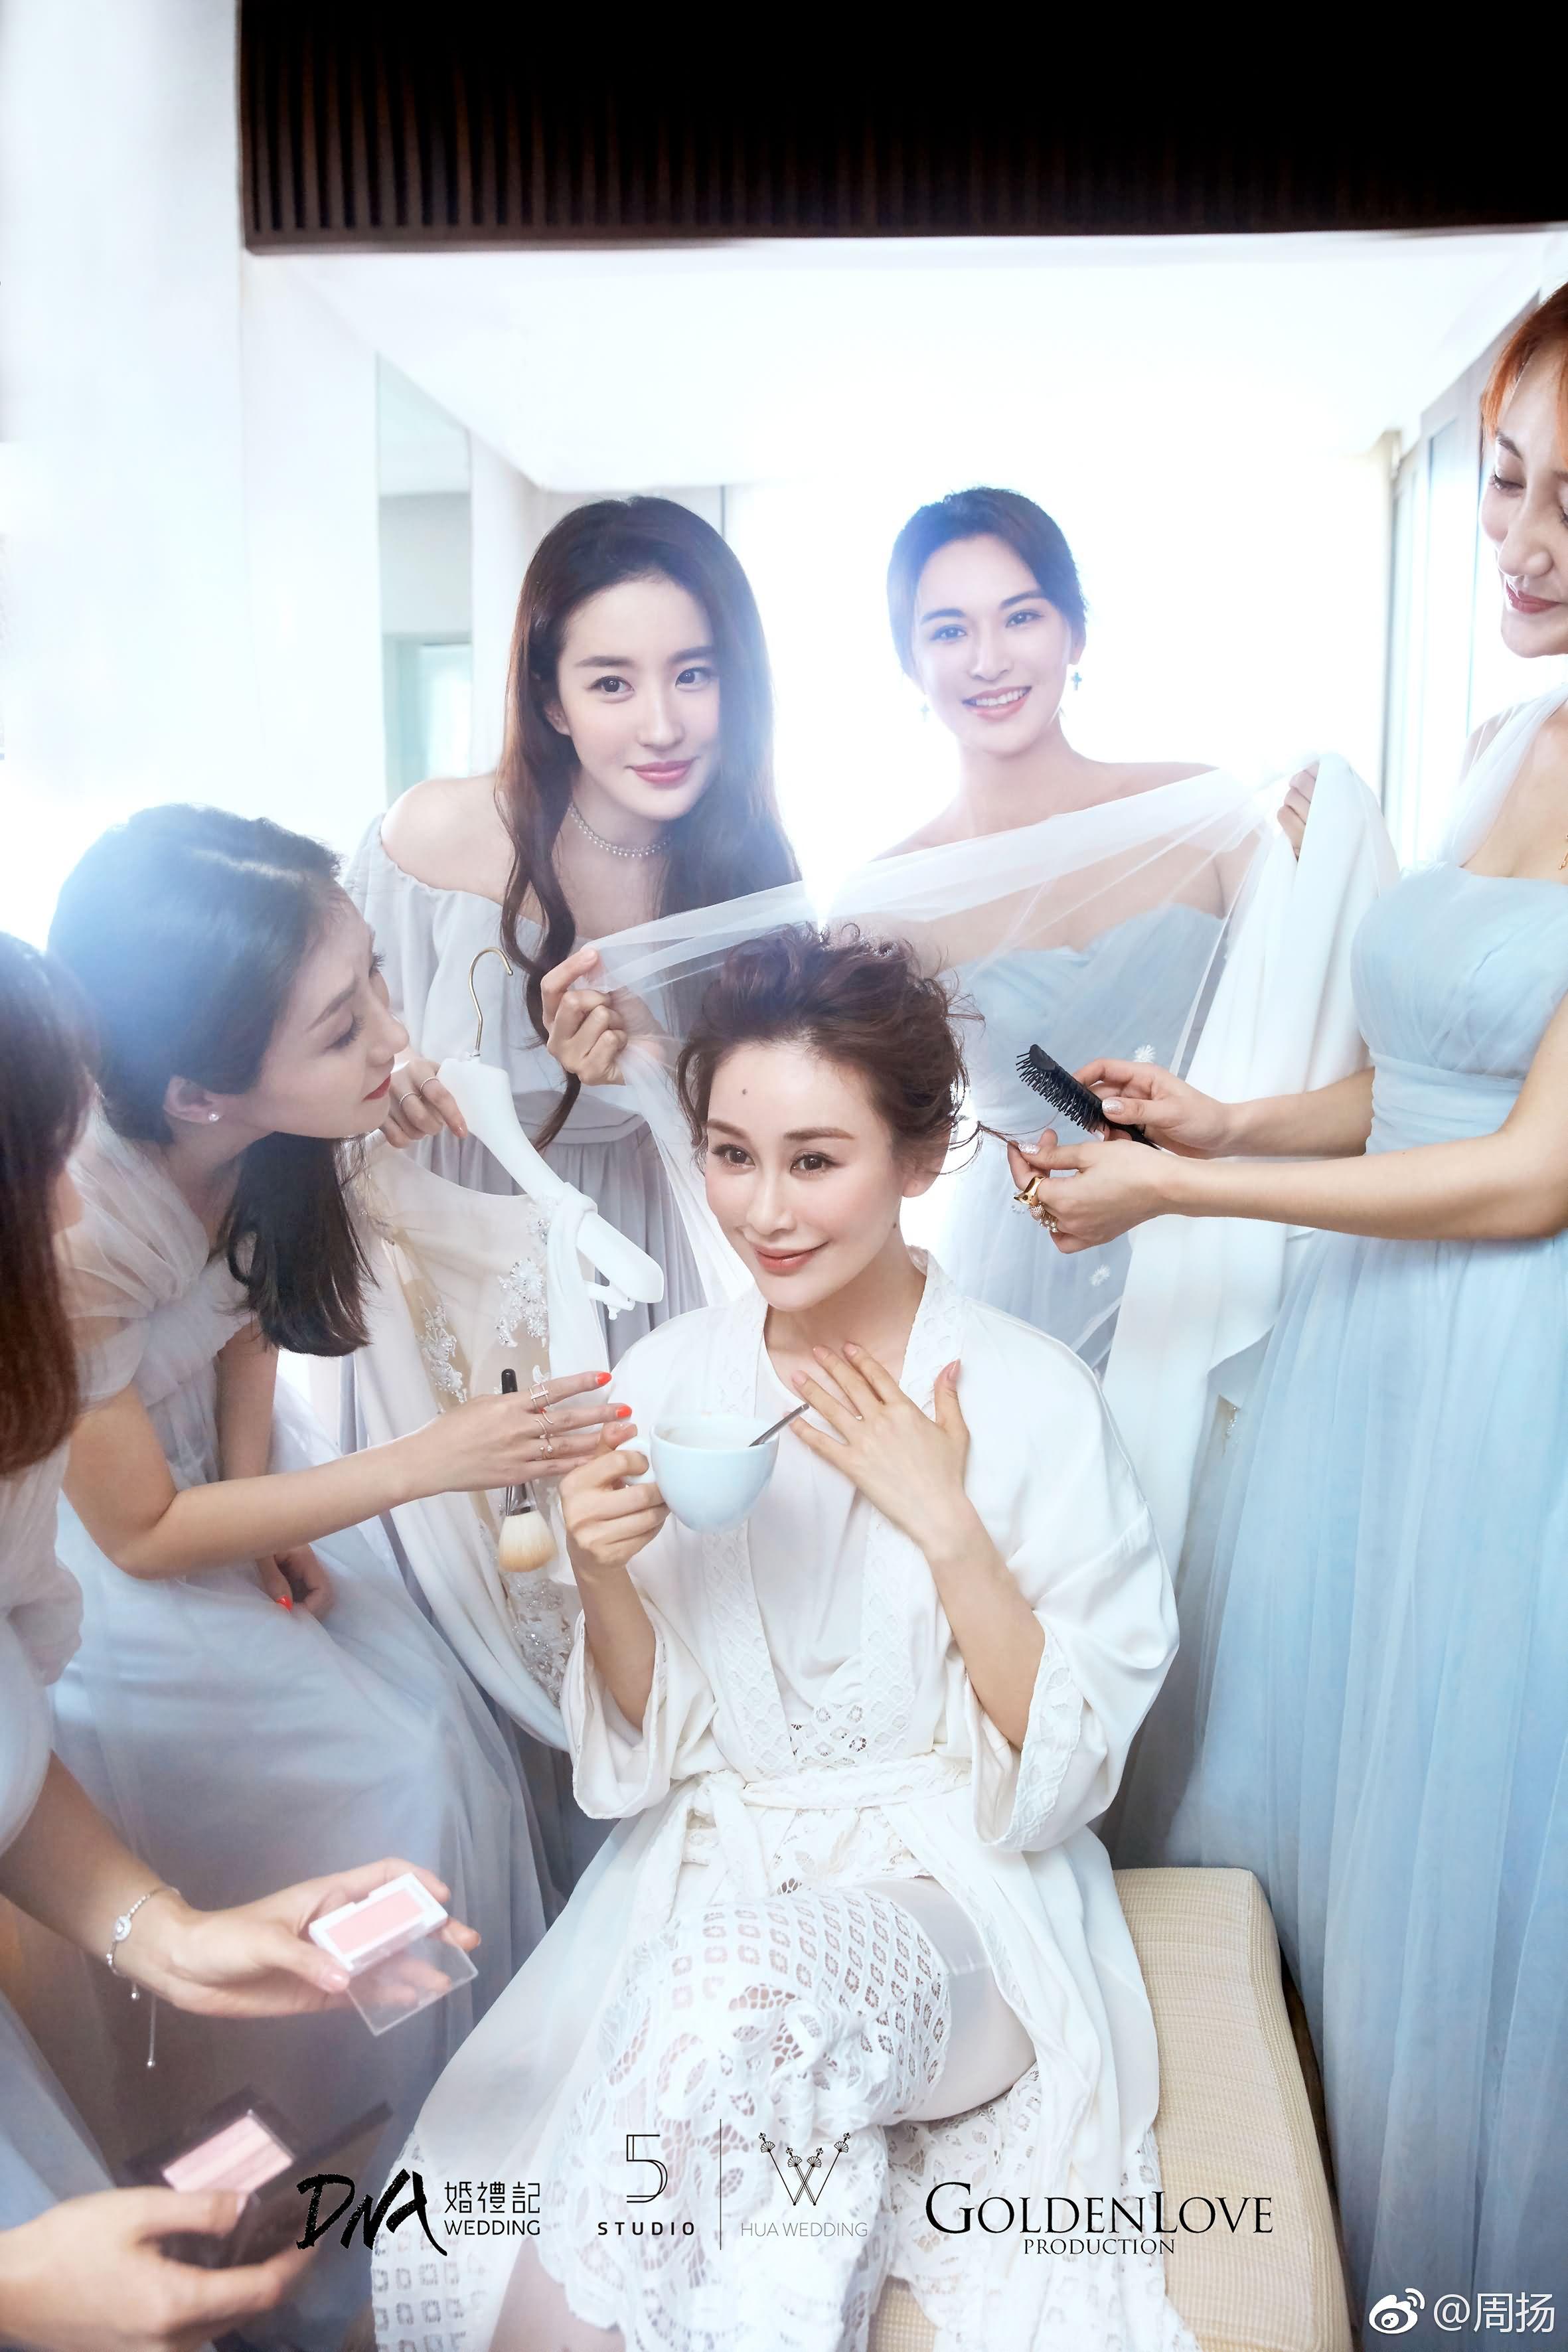 周扬苏梅岛大婚,刘亦菲闺蜜伴娘身份低调亮相出席